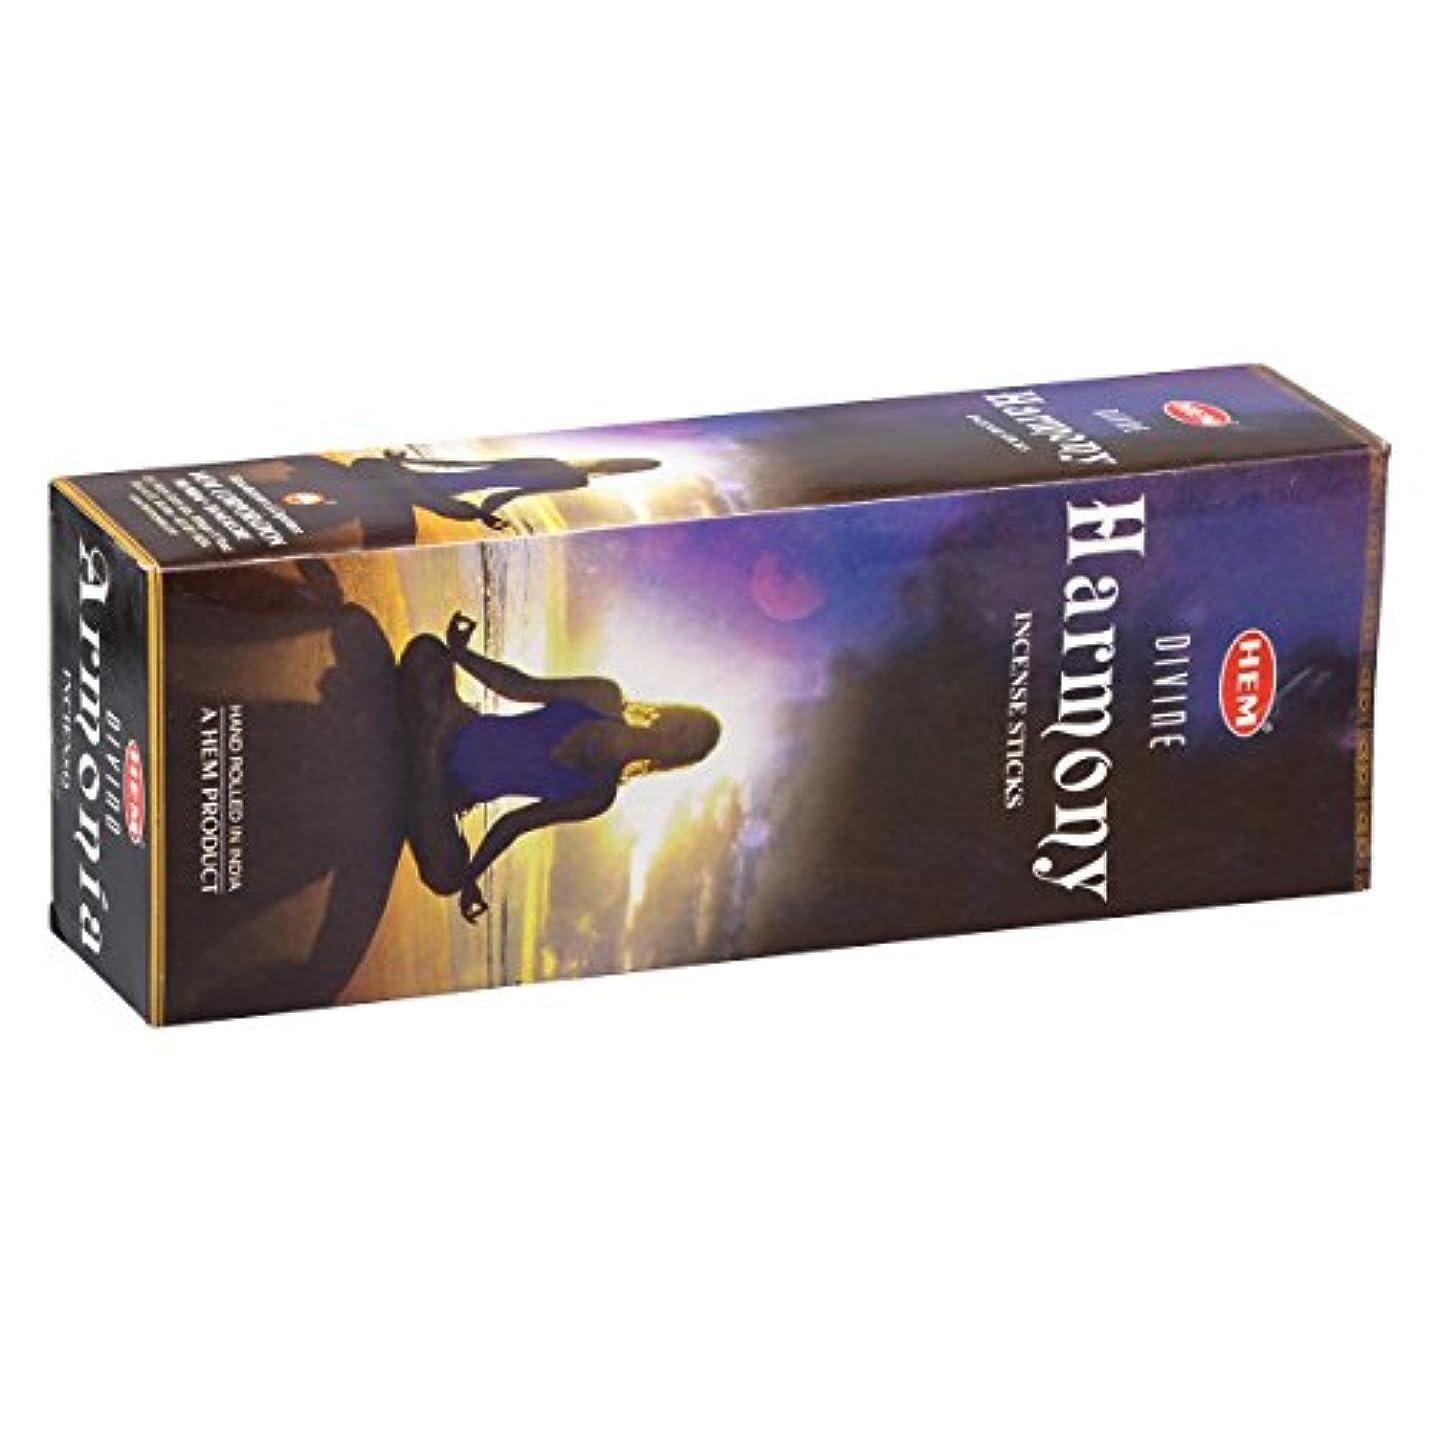 副産物外向きトランスペアレントHEM(ヘム) ハーモニー HARMONY スティックタイプ お香 6筒 セット [並行輸入品]